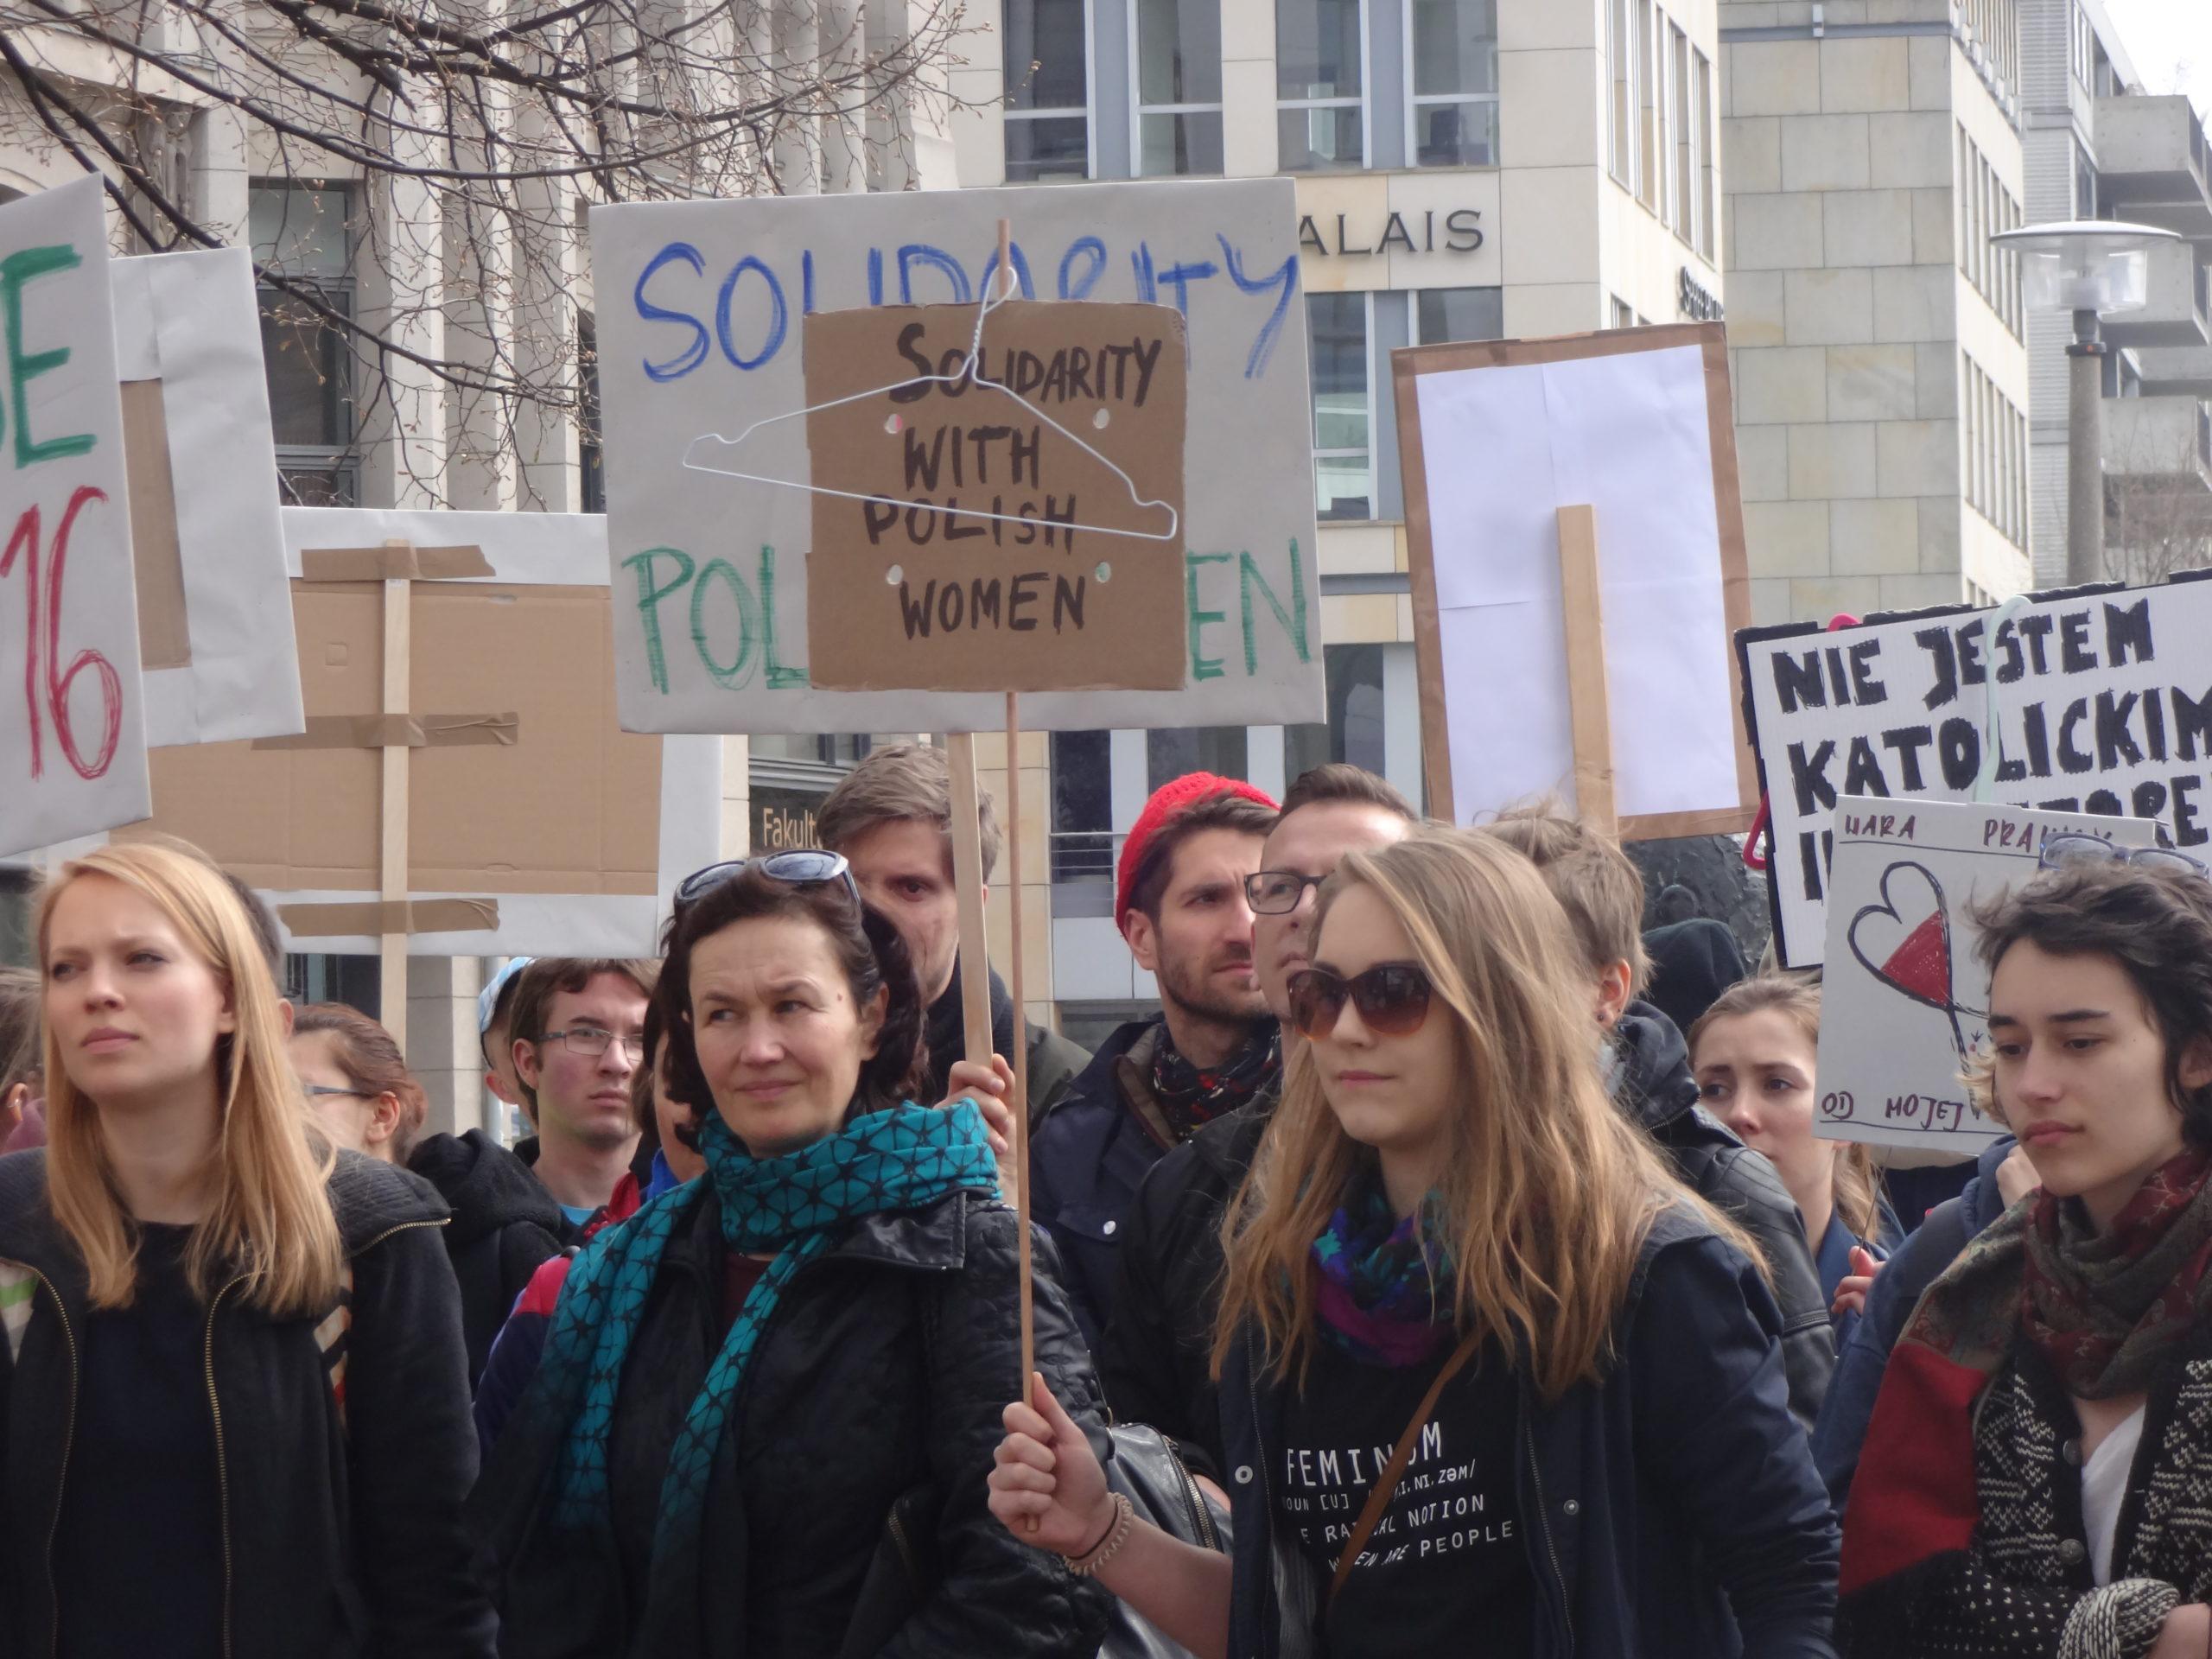 Women in Poland